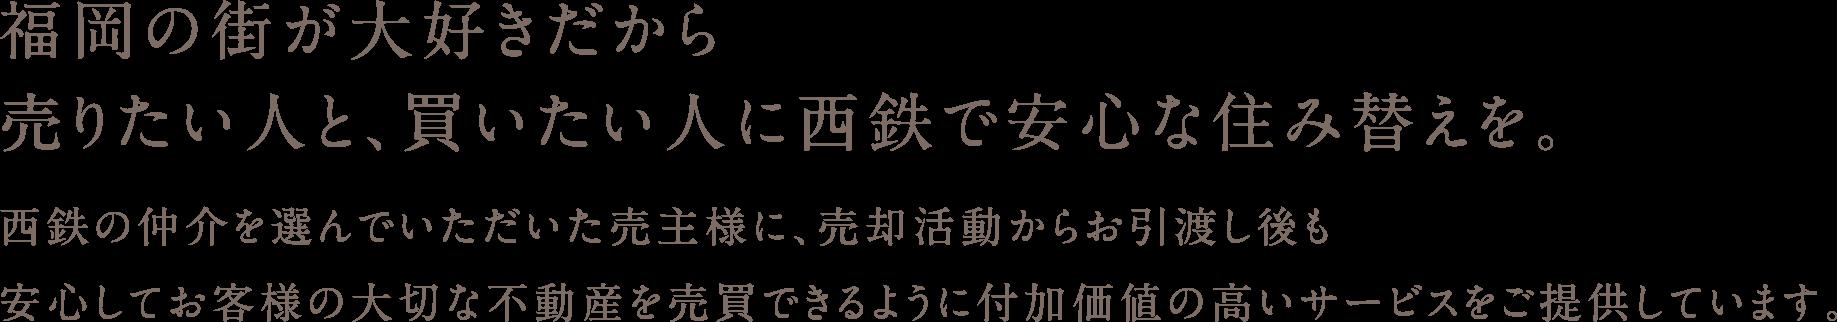 福岡の街が大好きだから。売りたい人と、買いたい人に西鉄で安心な住み替えを。